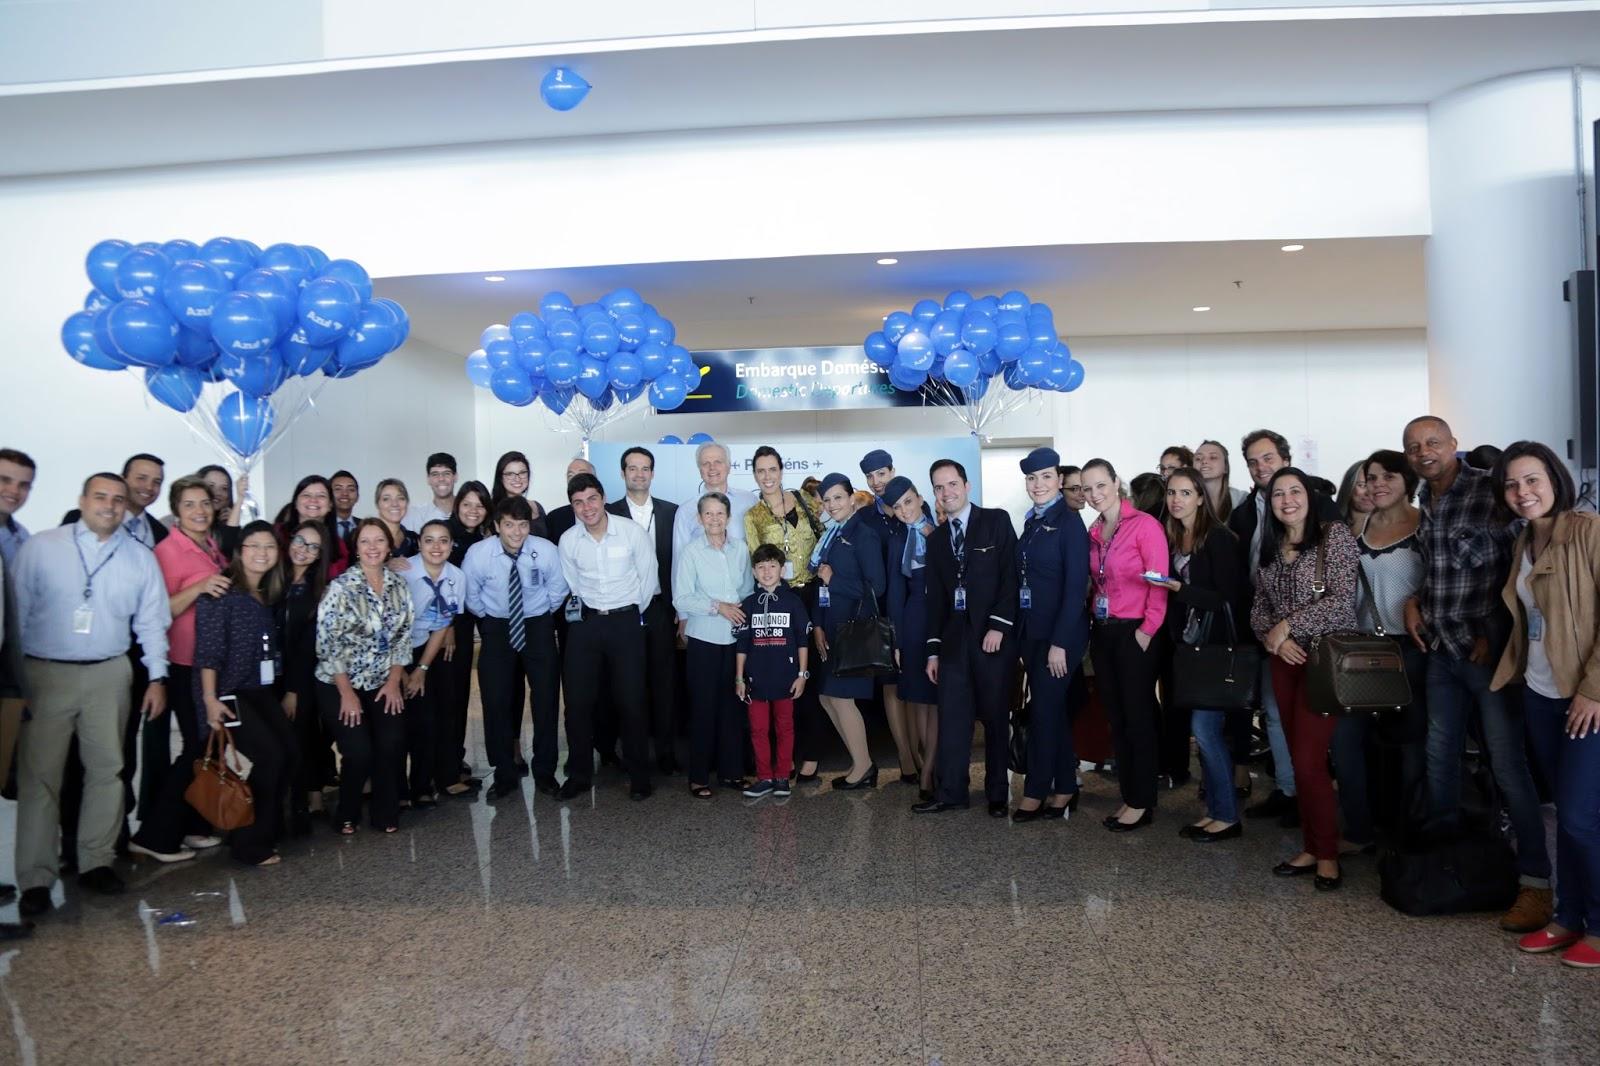 Azul completa oito anos com trabalho impecável de dez mil Tripulantes